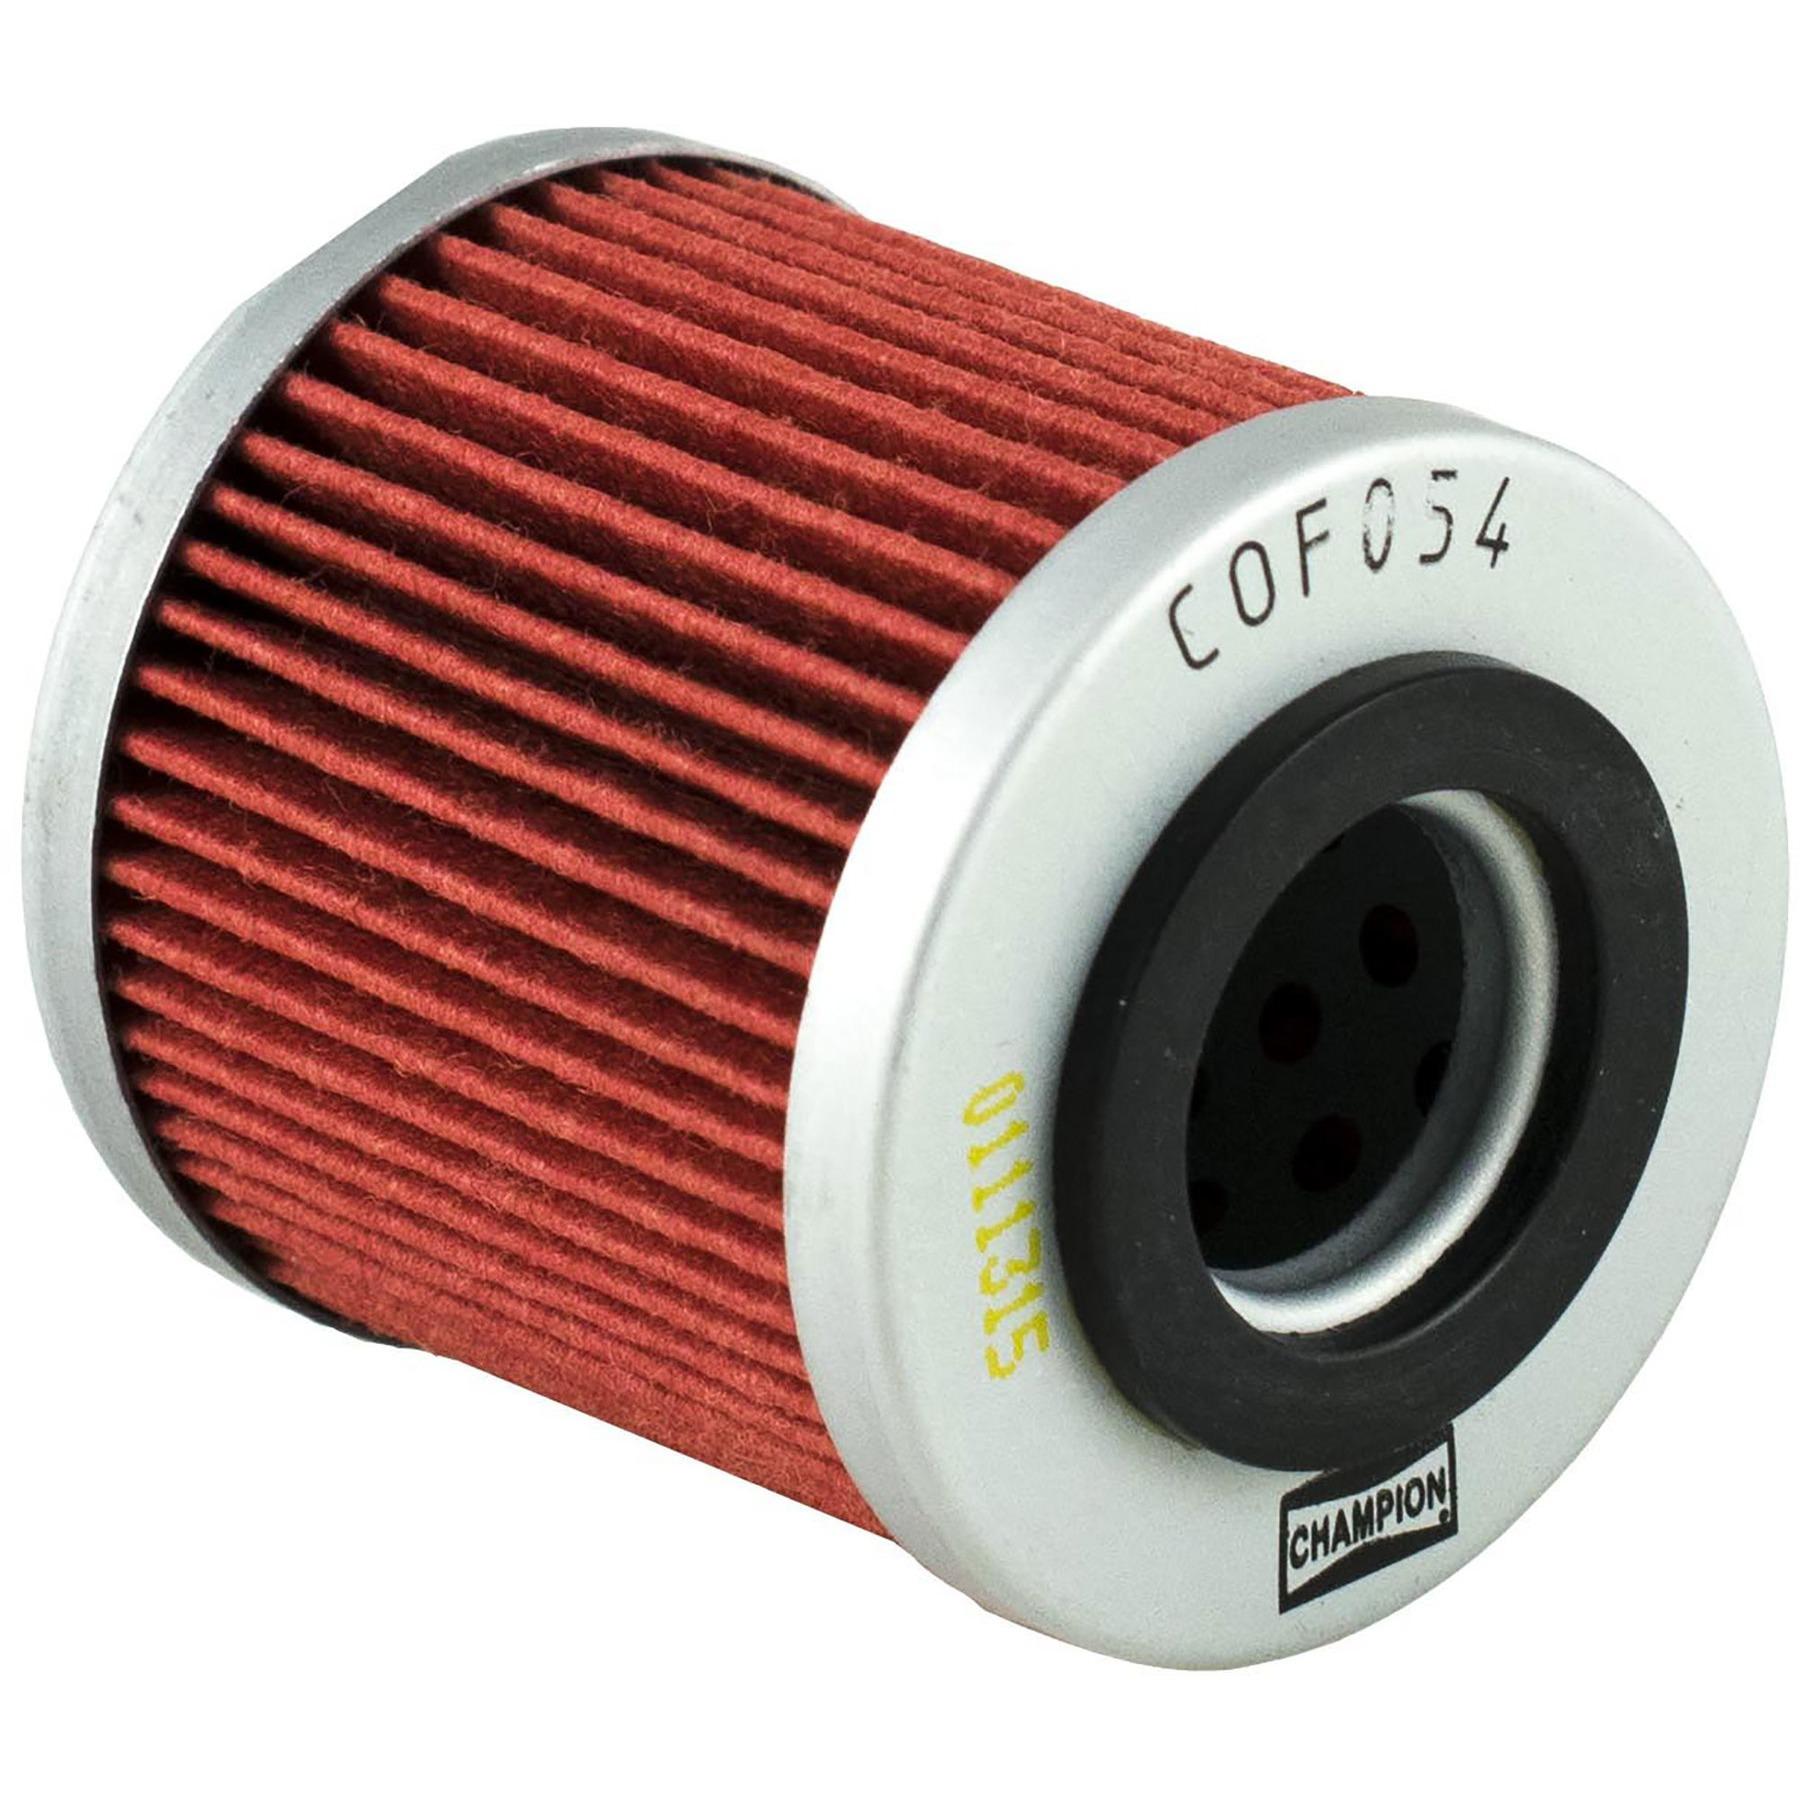 Champion cof465/Filtre /à huile pour Aprilia